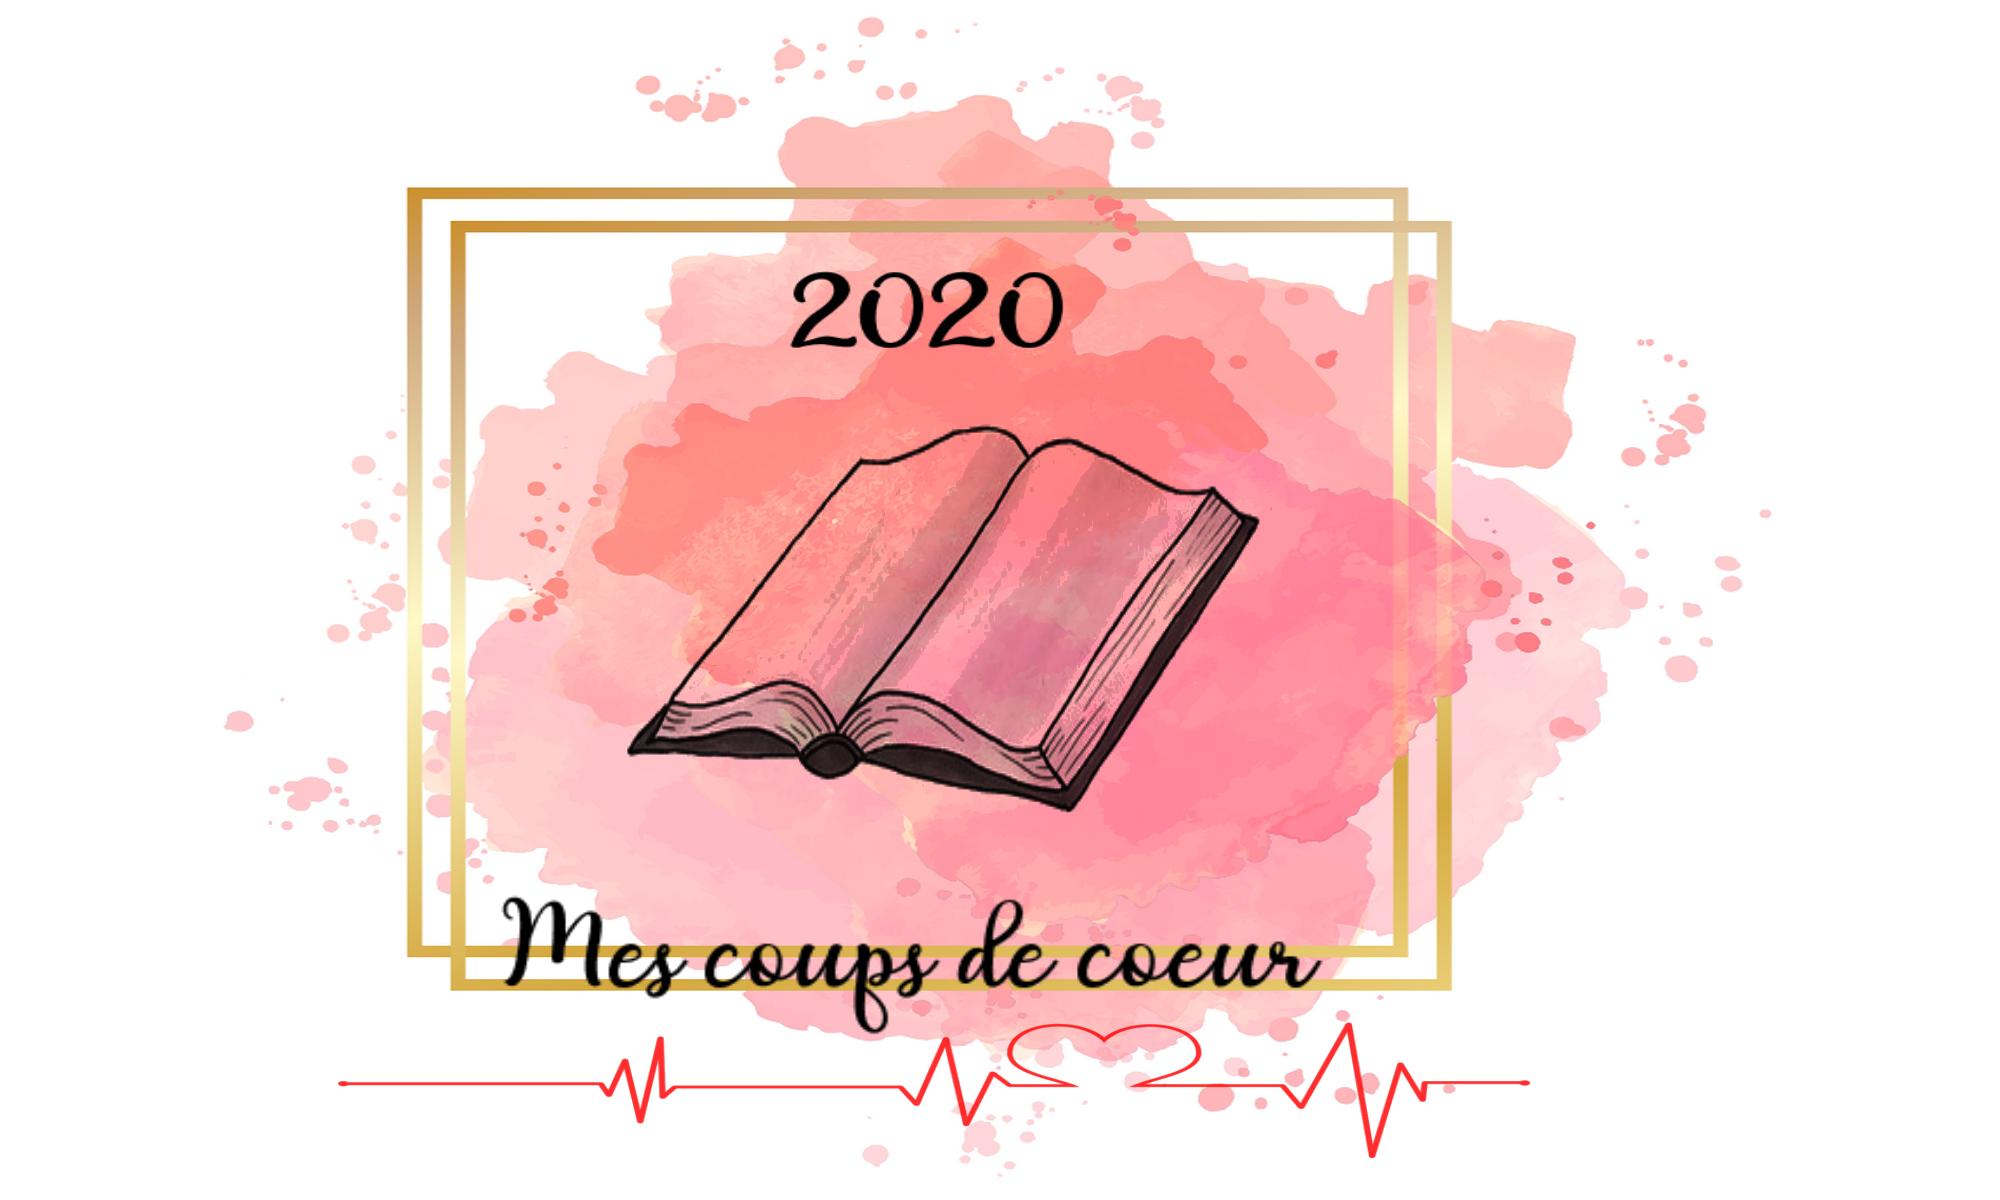 mes coups de coeur 2020